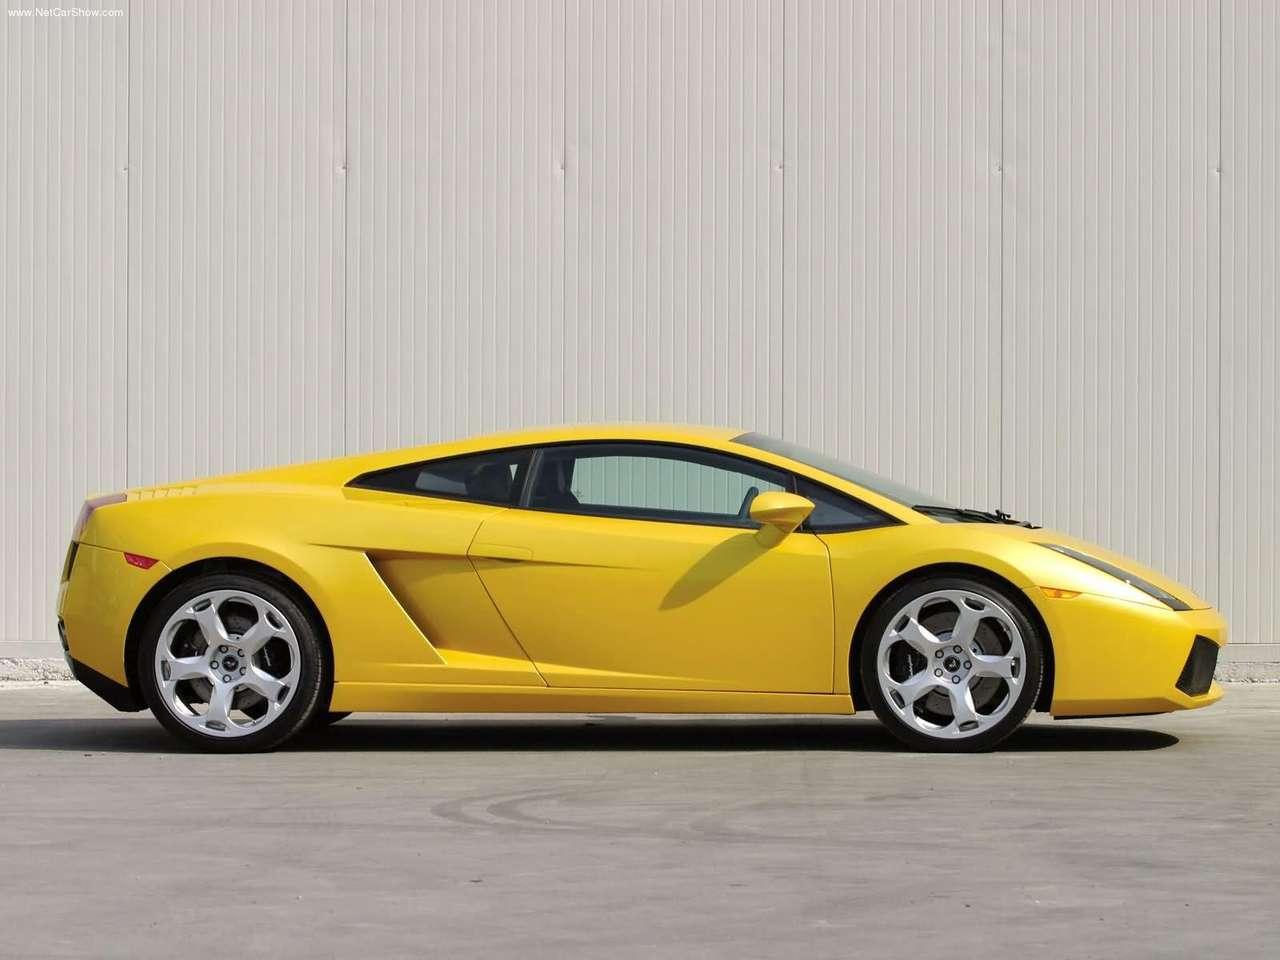 Lamborghini-Gallardo-2003-1280-37.jpg